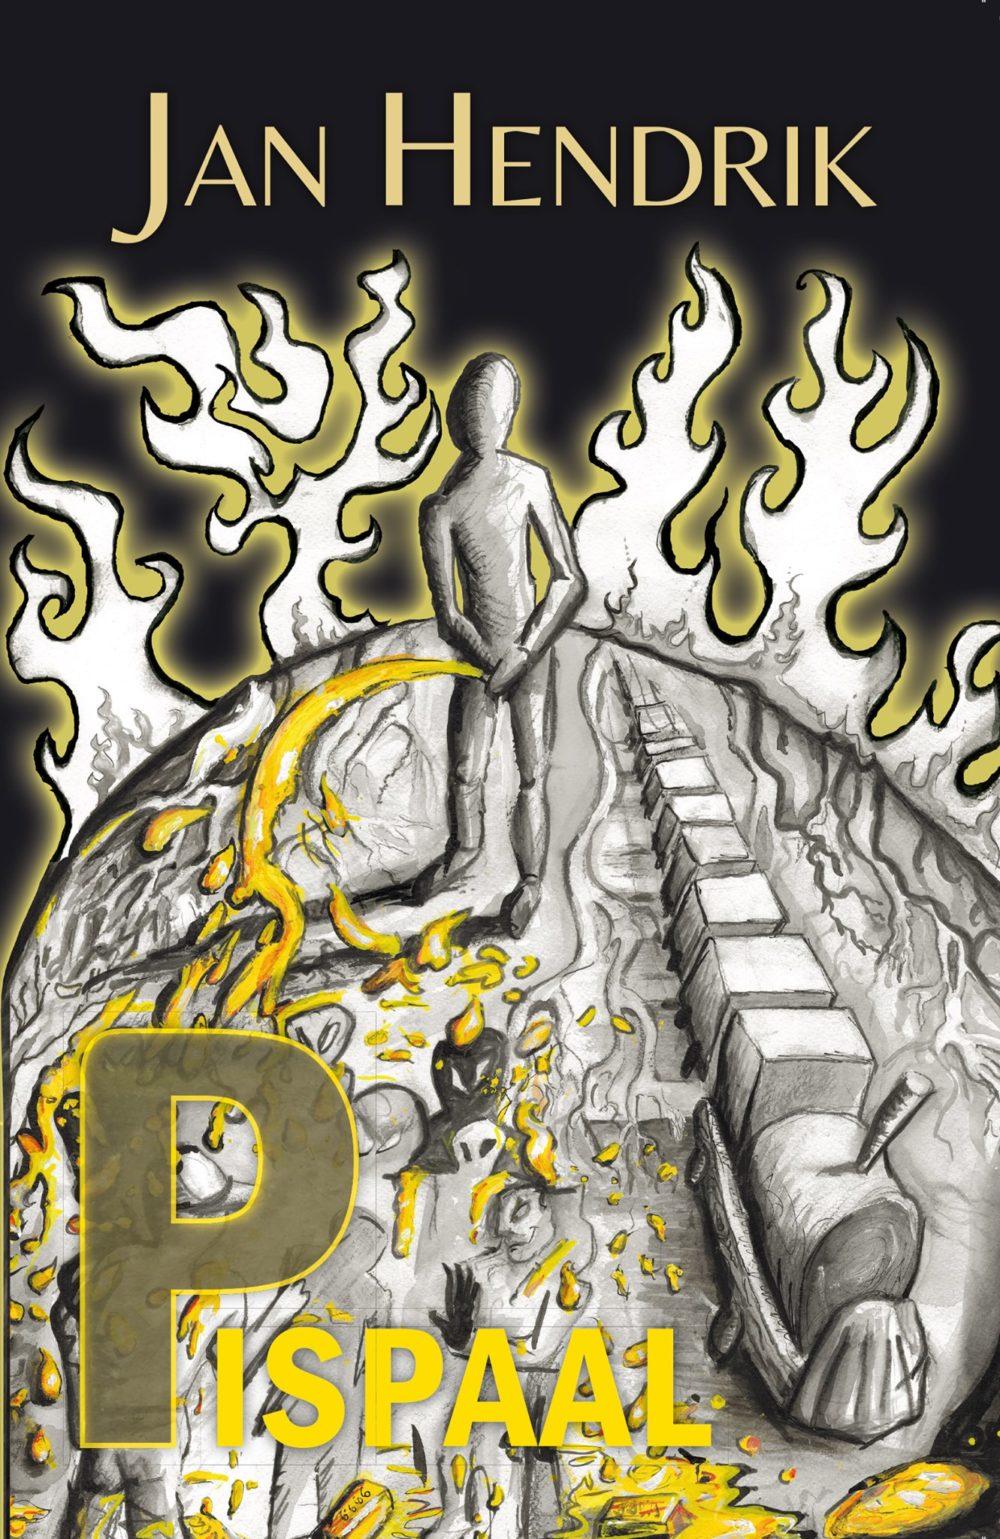 De cover / titelpagina / omslag van het boek Pispaal, geschreven door Jan Hendrik